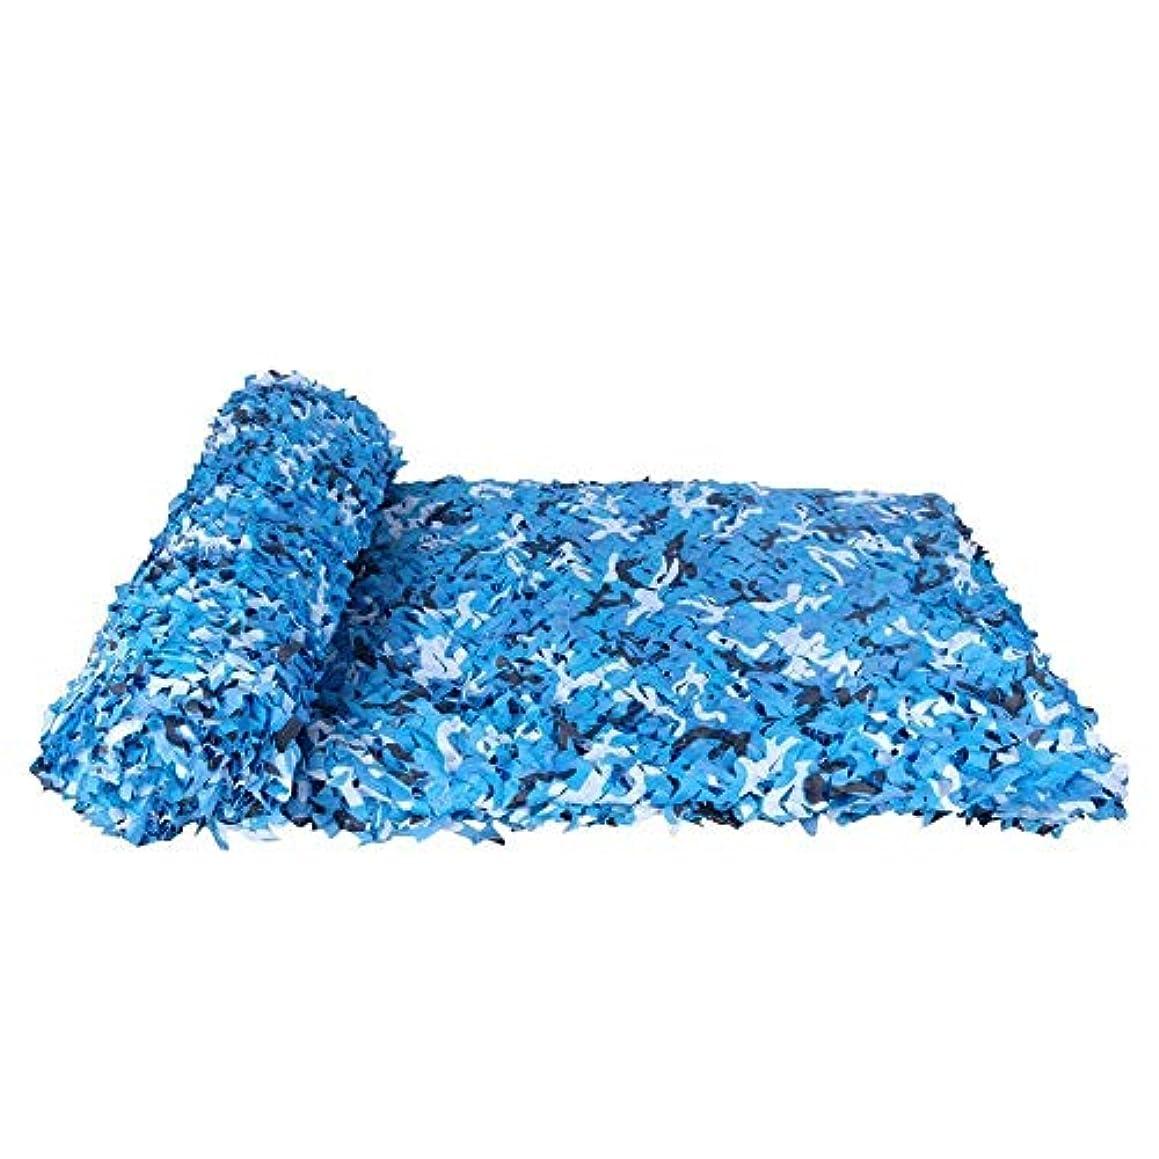 悲惨なネストくちばしマリンモード迷彩ネット防水キャンバスサンシェード用ガーデンサンシェード装飾サイズ5 * 6メートル